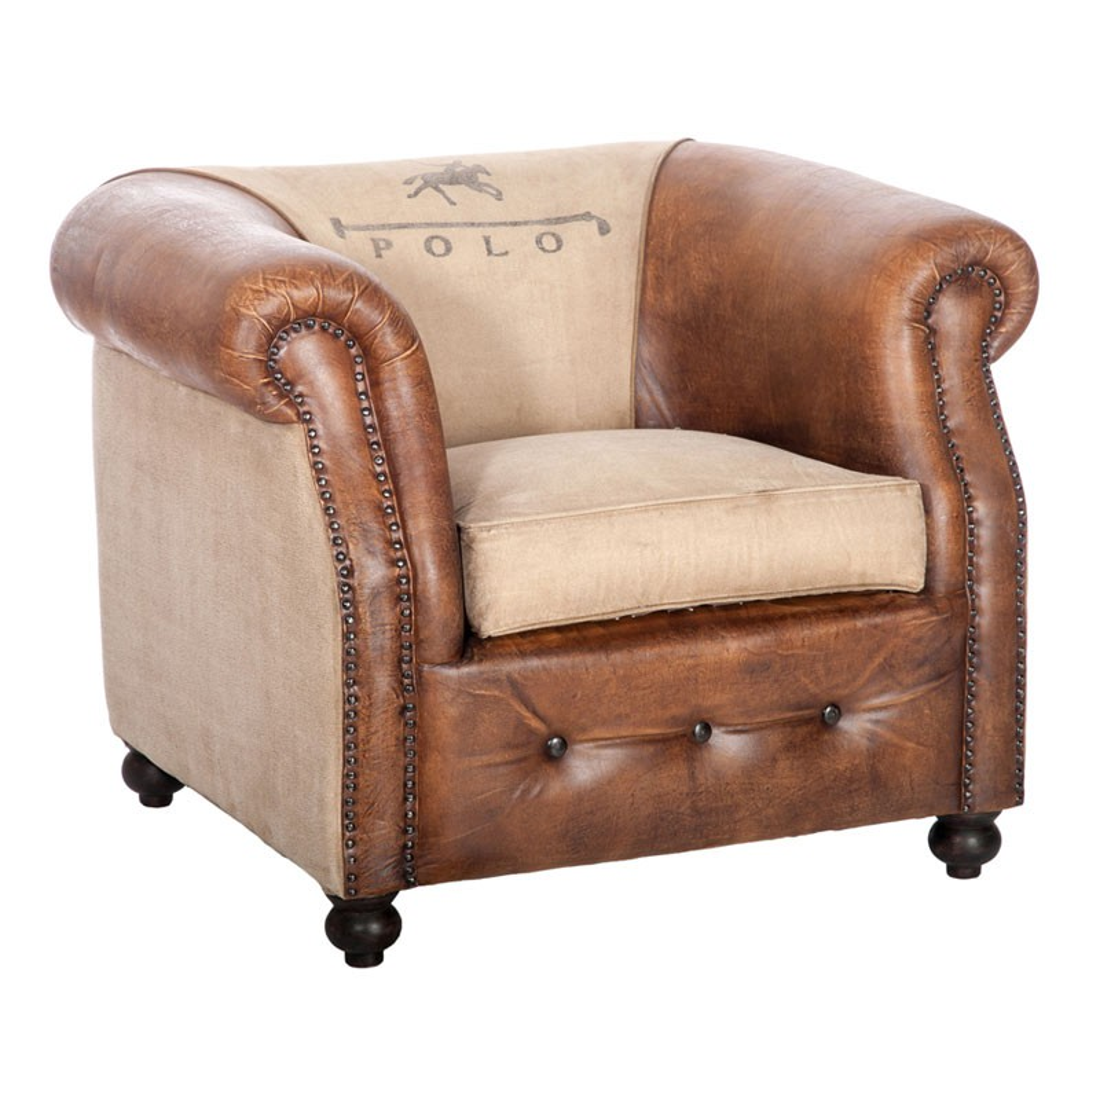 fauteuil cuir et coton polo univers du salon tousmesmeubles. Black Bedroom Furniture Sets. Home Design Ideas